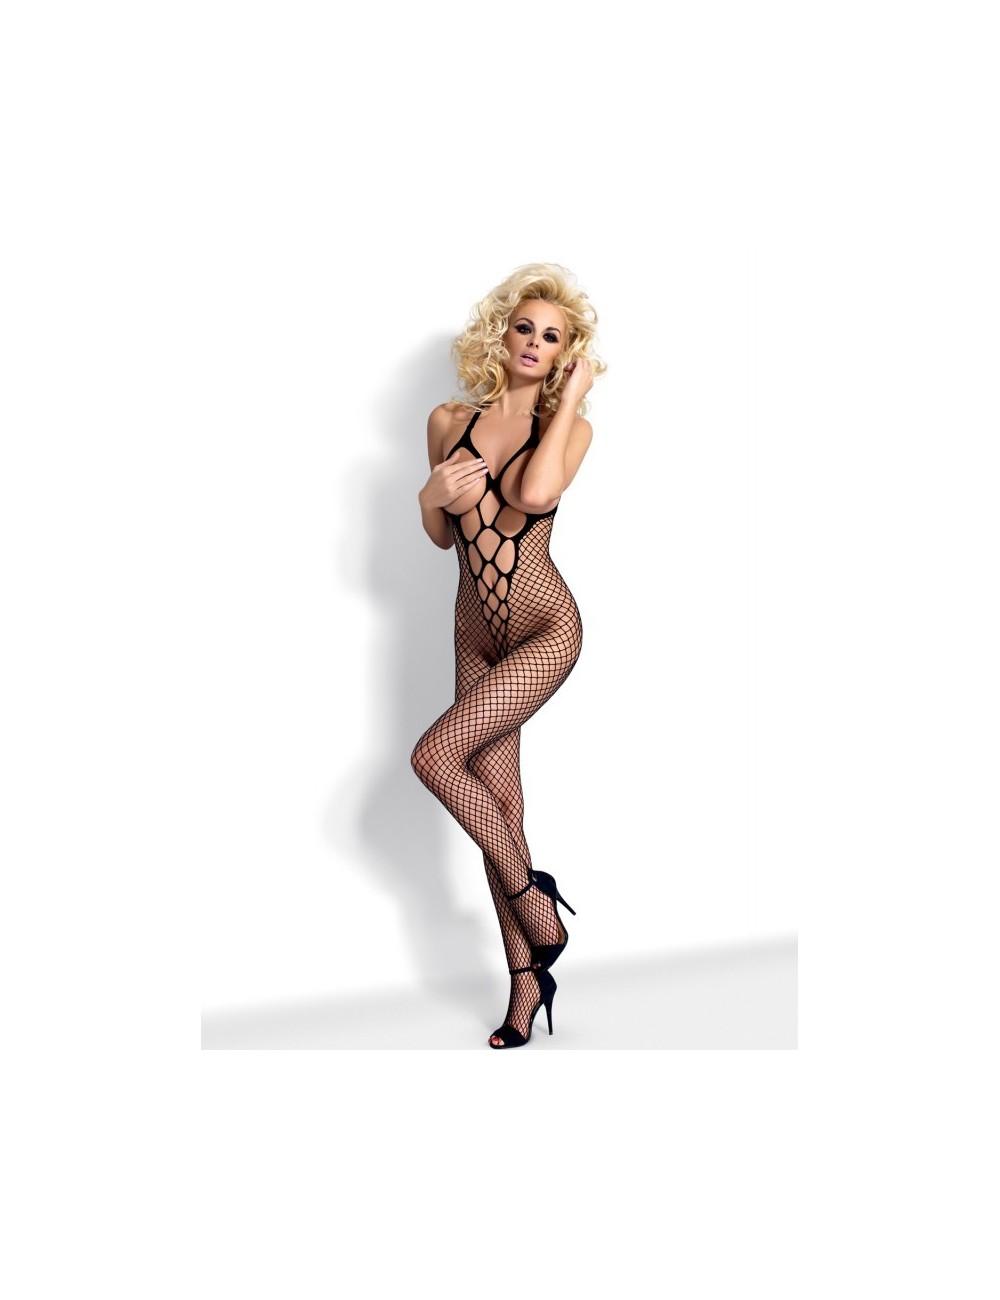 Lingerie - Combinaisons - Bodystocking en résille noire ouverte à l'entre-jambes N106 - Obsessive